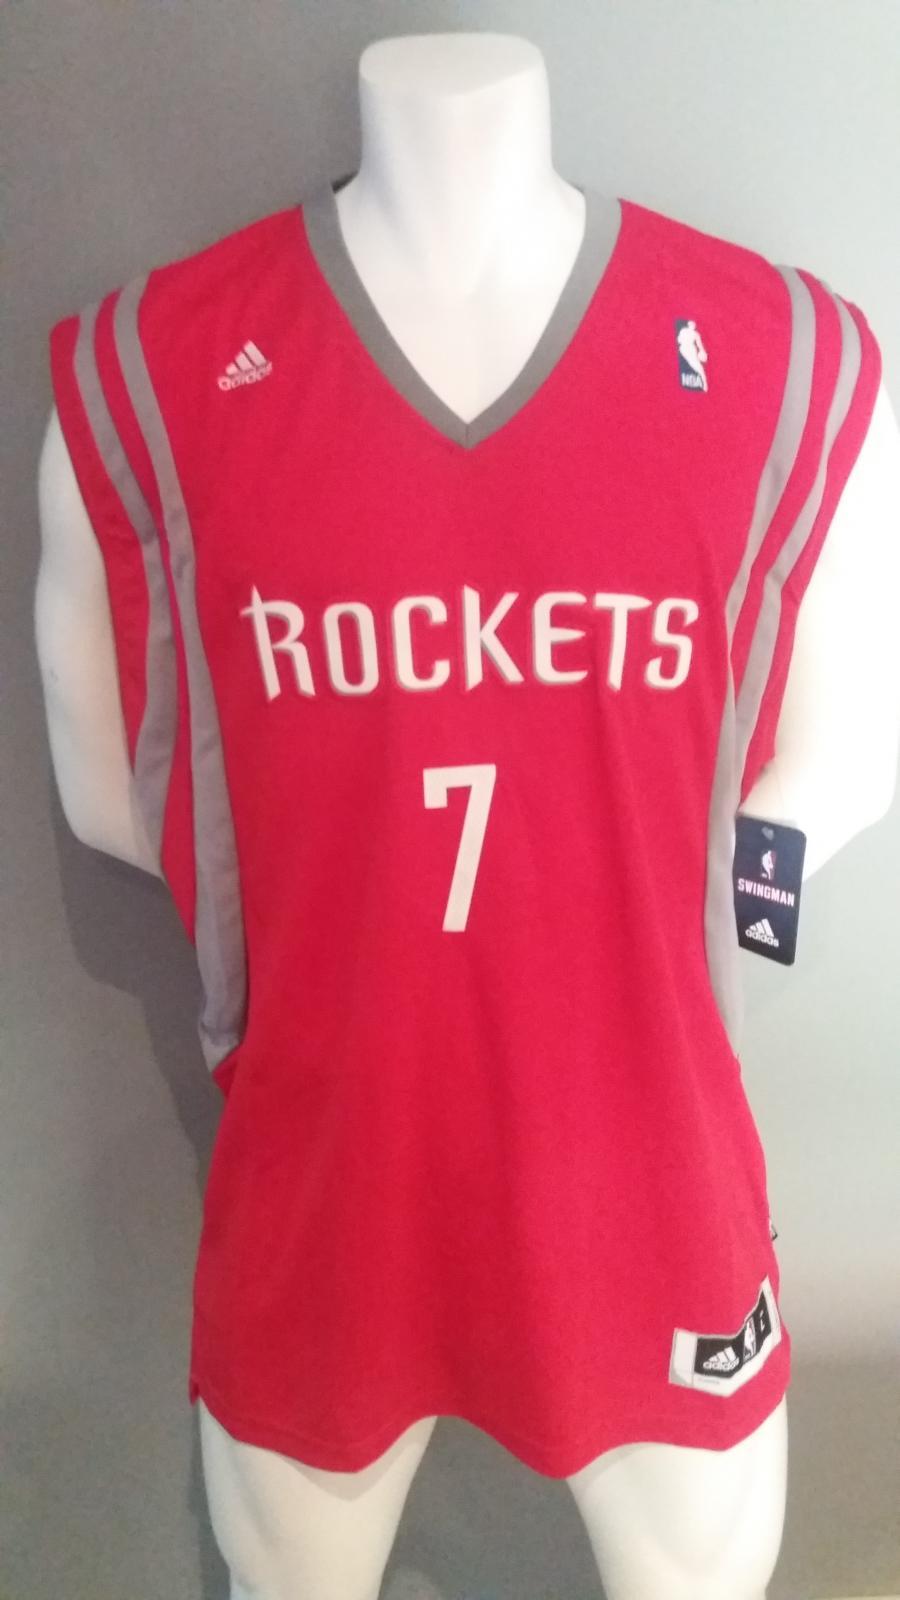 Jersey - Swingman - Hombre - Jeremy Lin - Houston Rockets - Road - Adidas